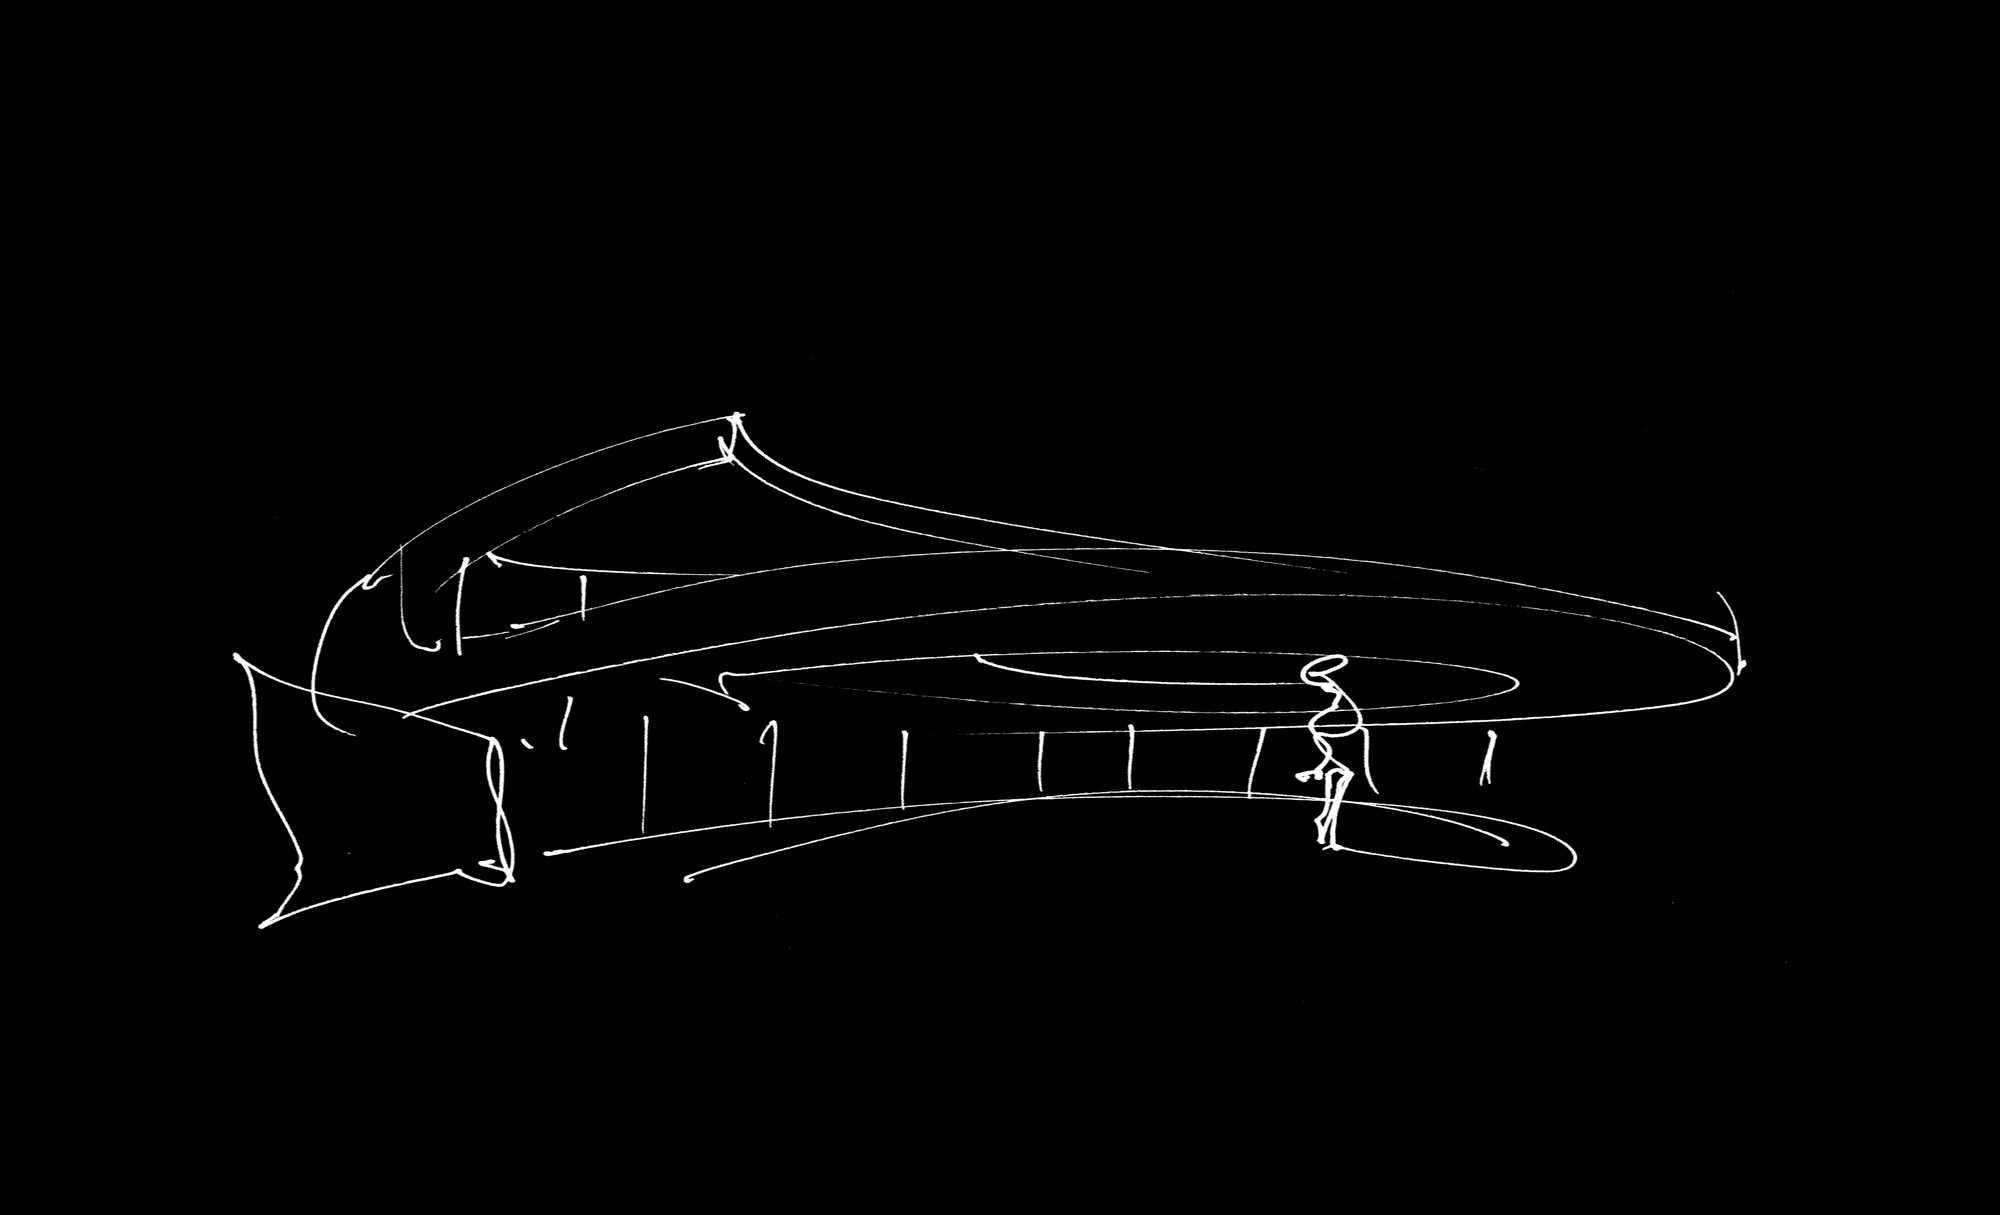 41_1889_Sketch_001.jpg